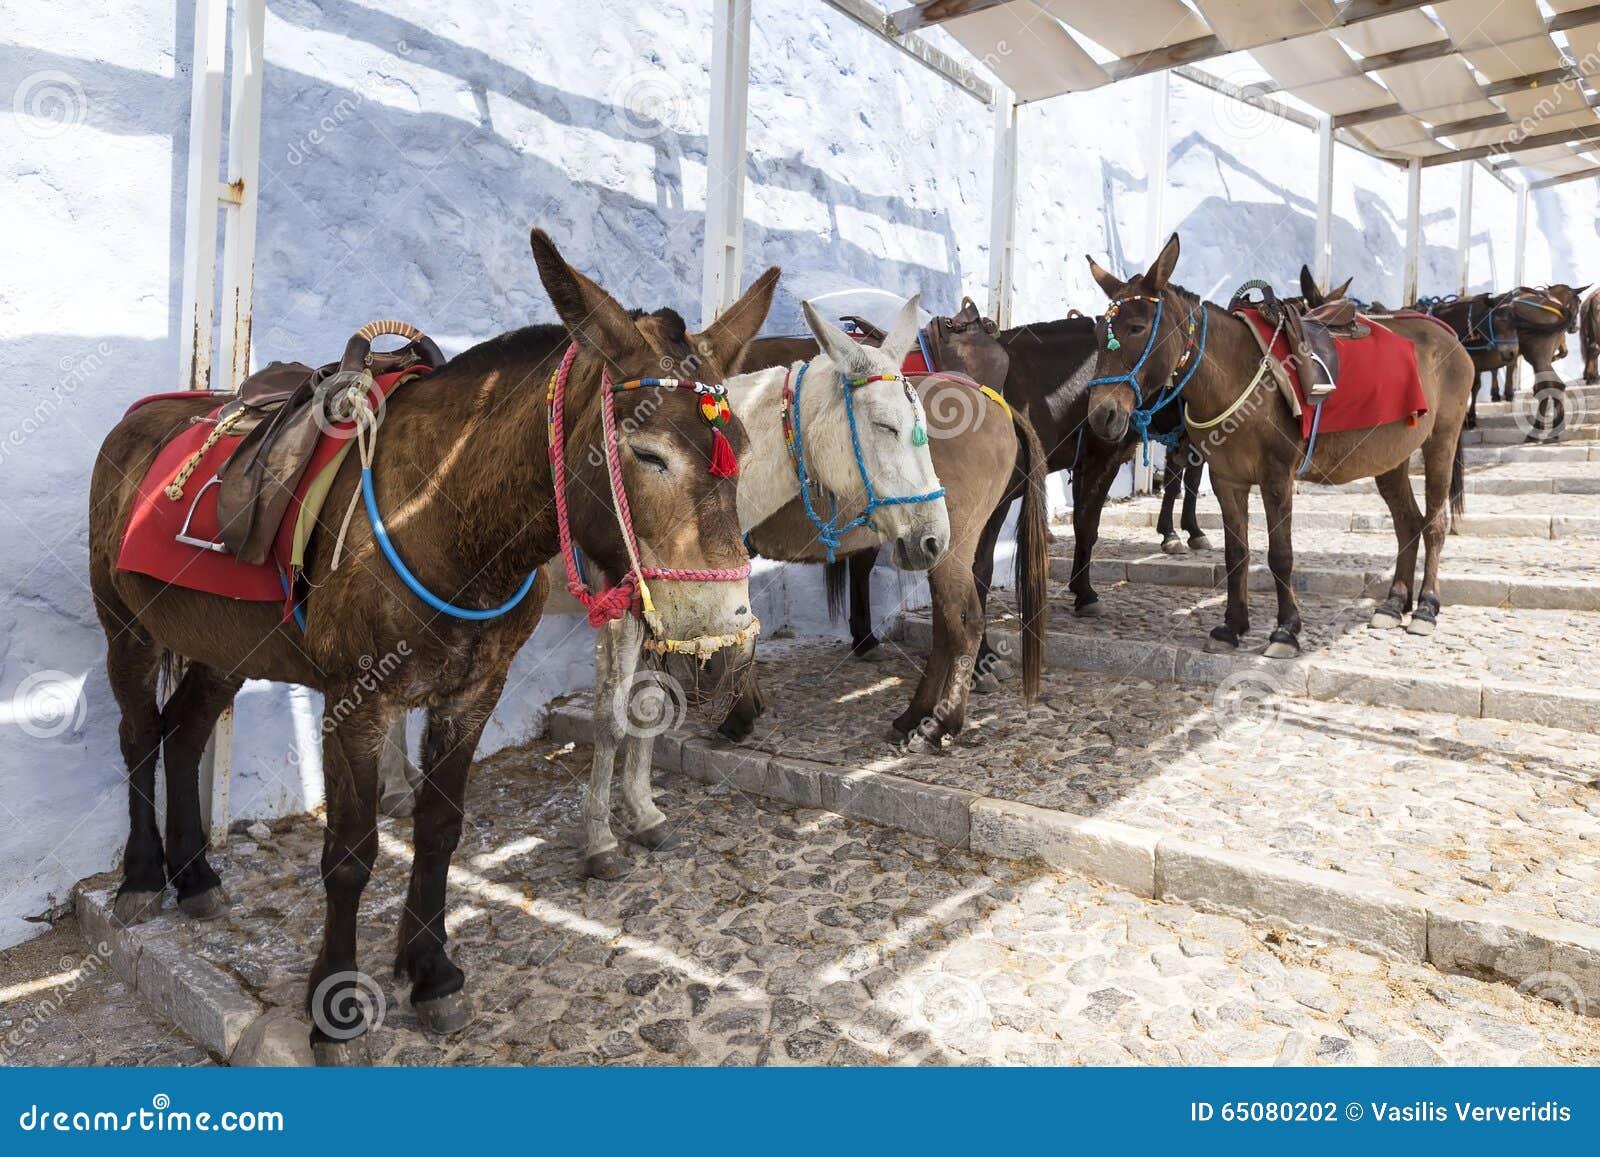 Het eiland van Griekenland Santorini in de ezels van Cycladen van de eilanden is u